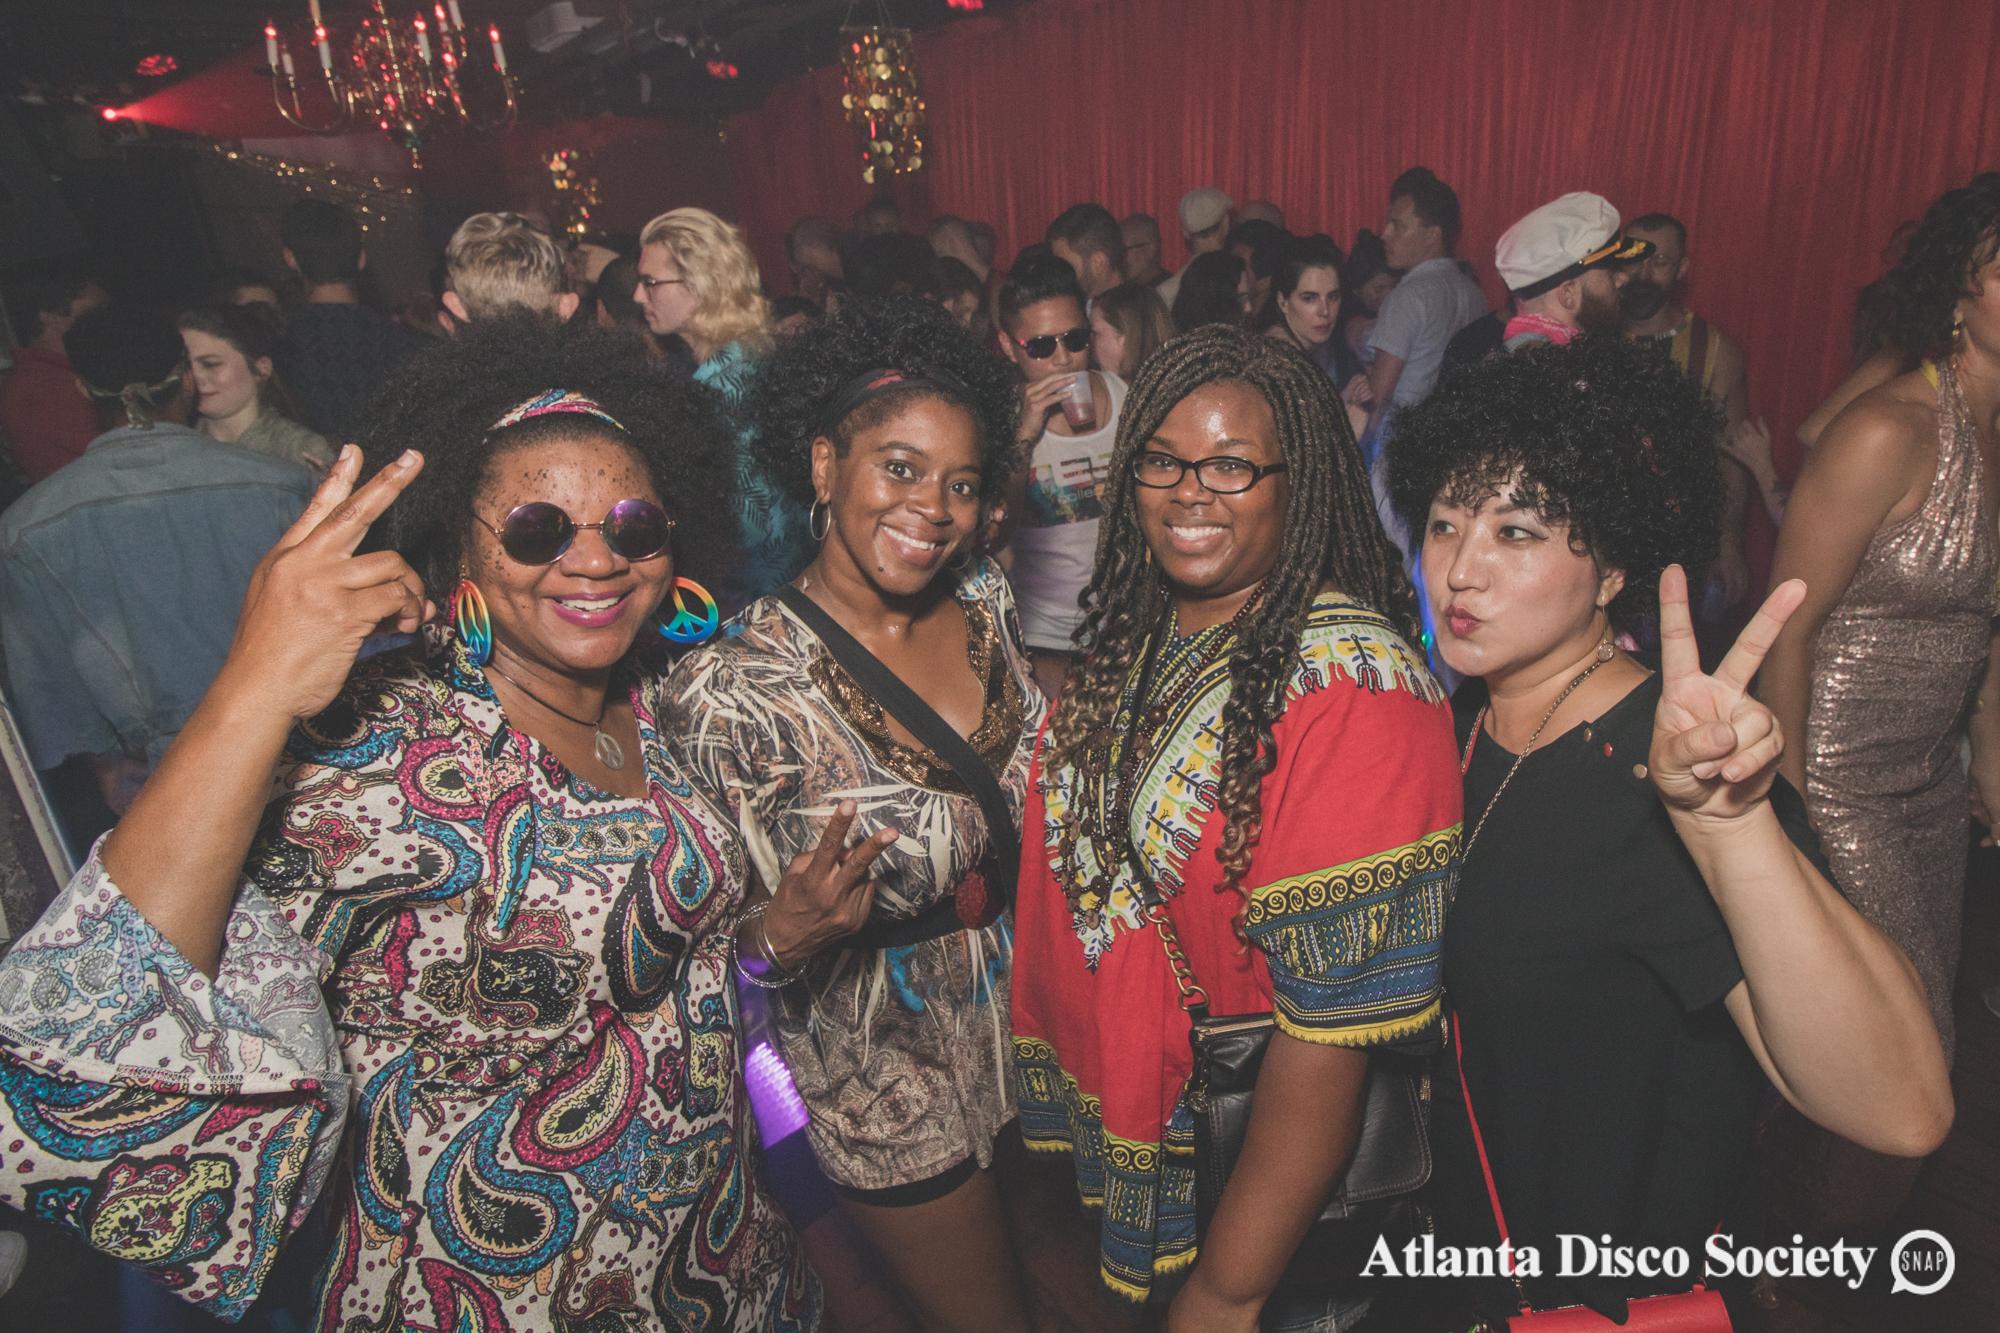 36Atlanta Disco Society Grace Kelly Oh Snap Kid 7.27.19.jpg